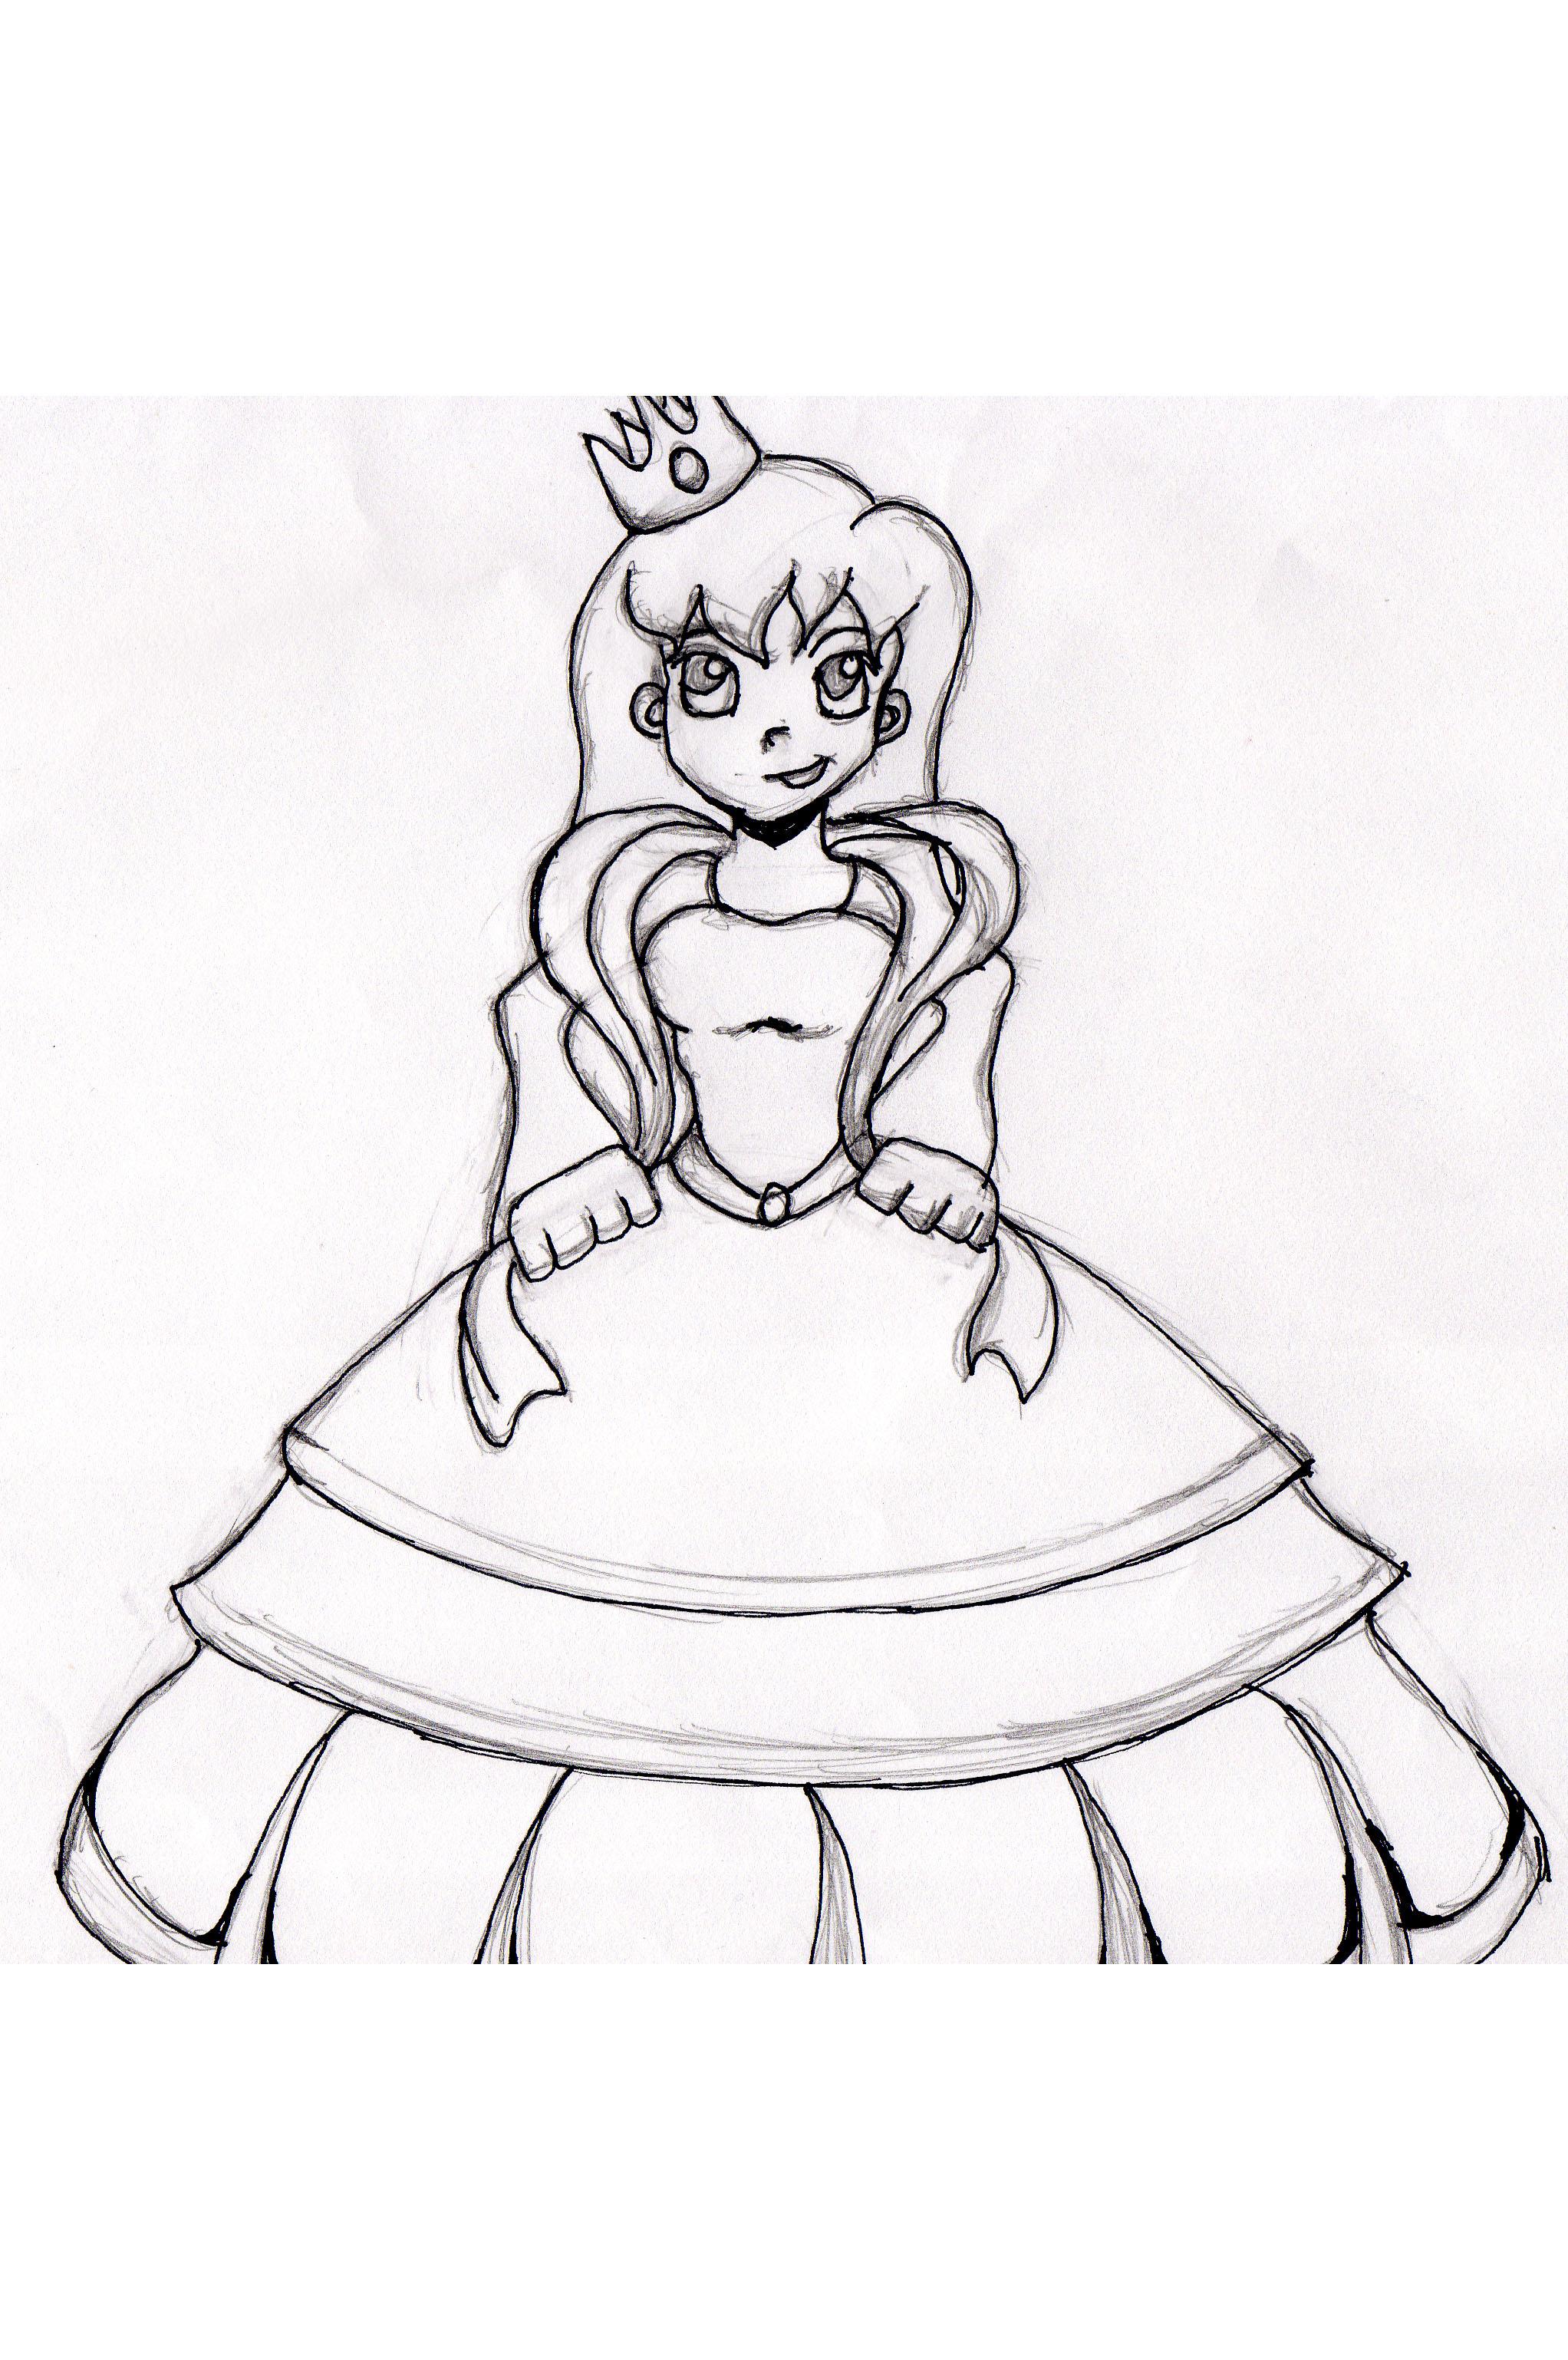 Cartoon Princess Images